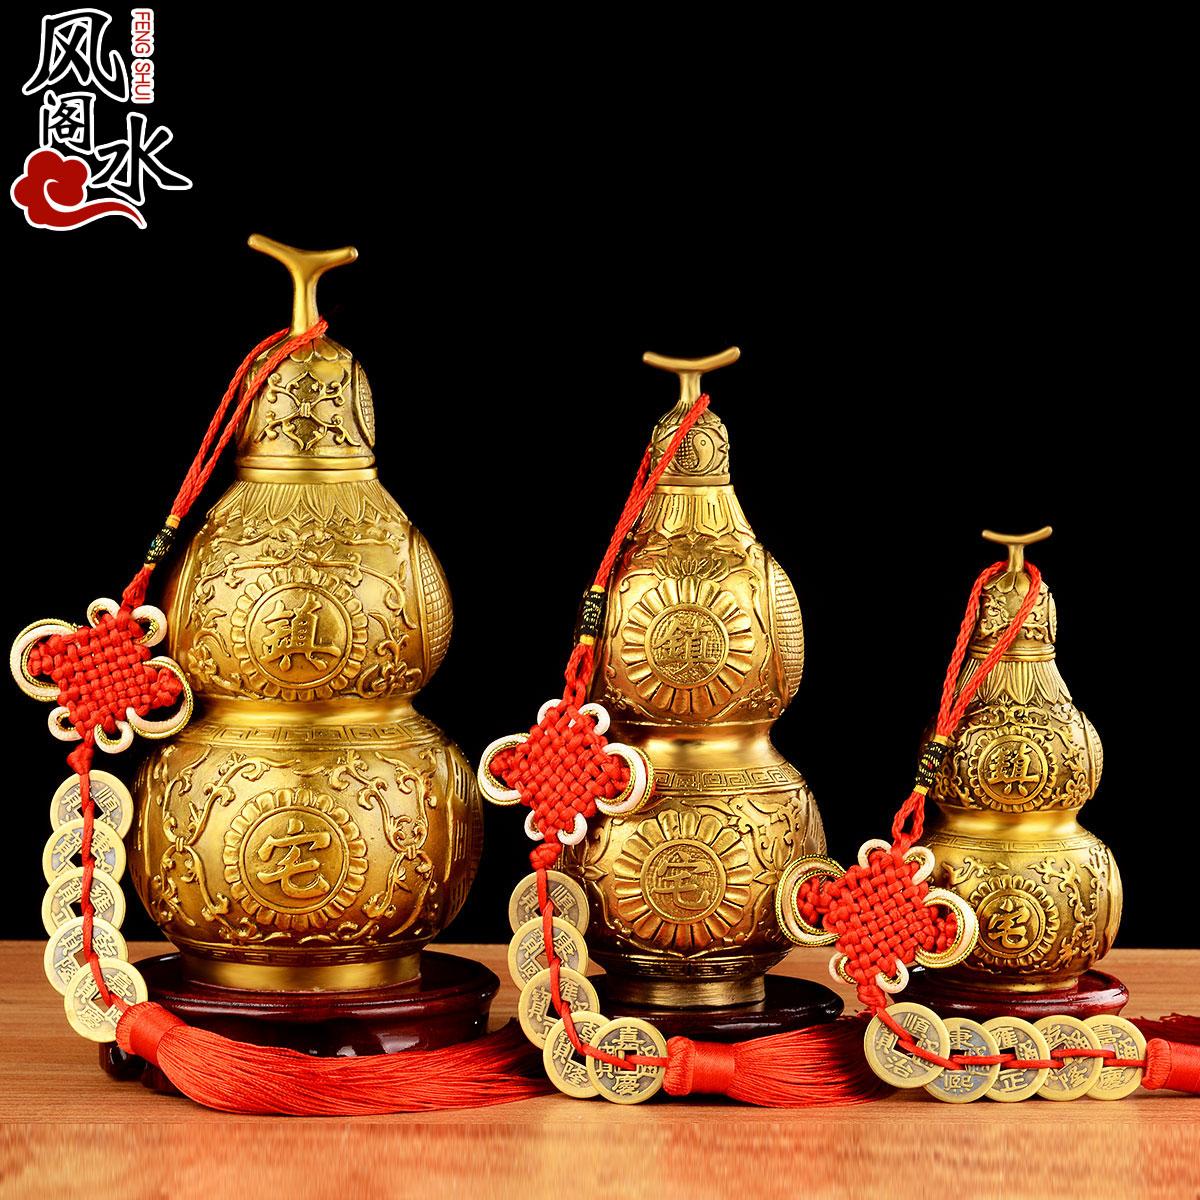 风水阁 开光八卦纯铜葫芦风水摆件居家装饰送五帝钱挂件包邮